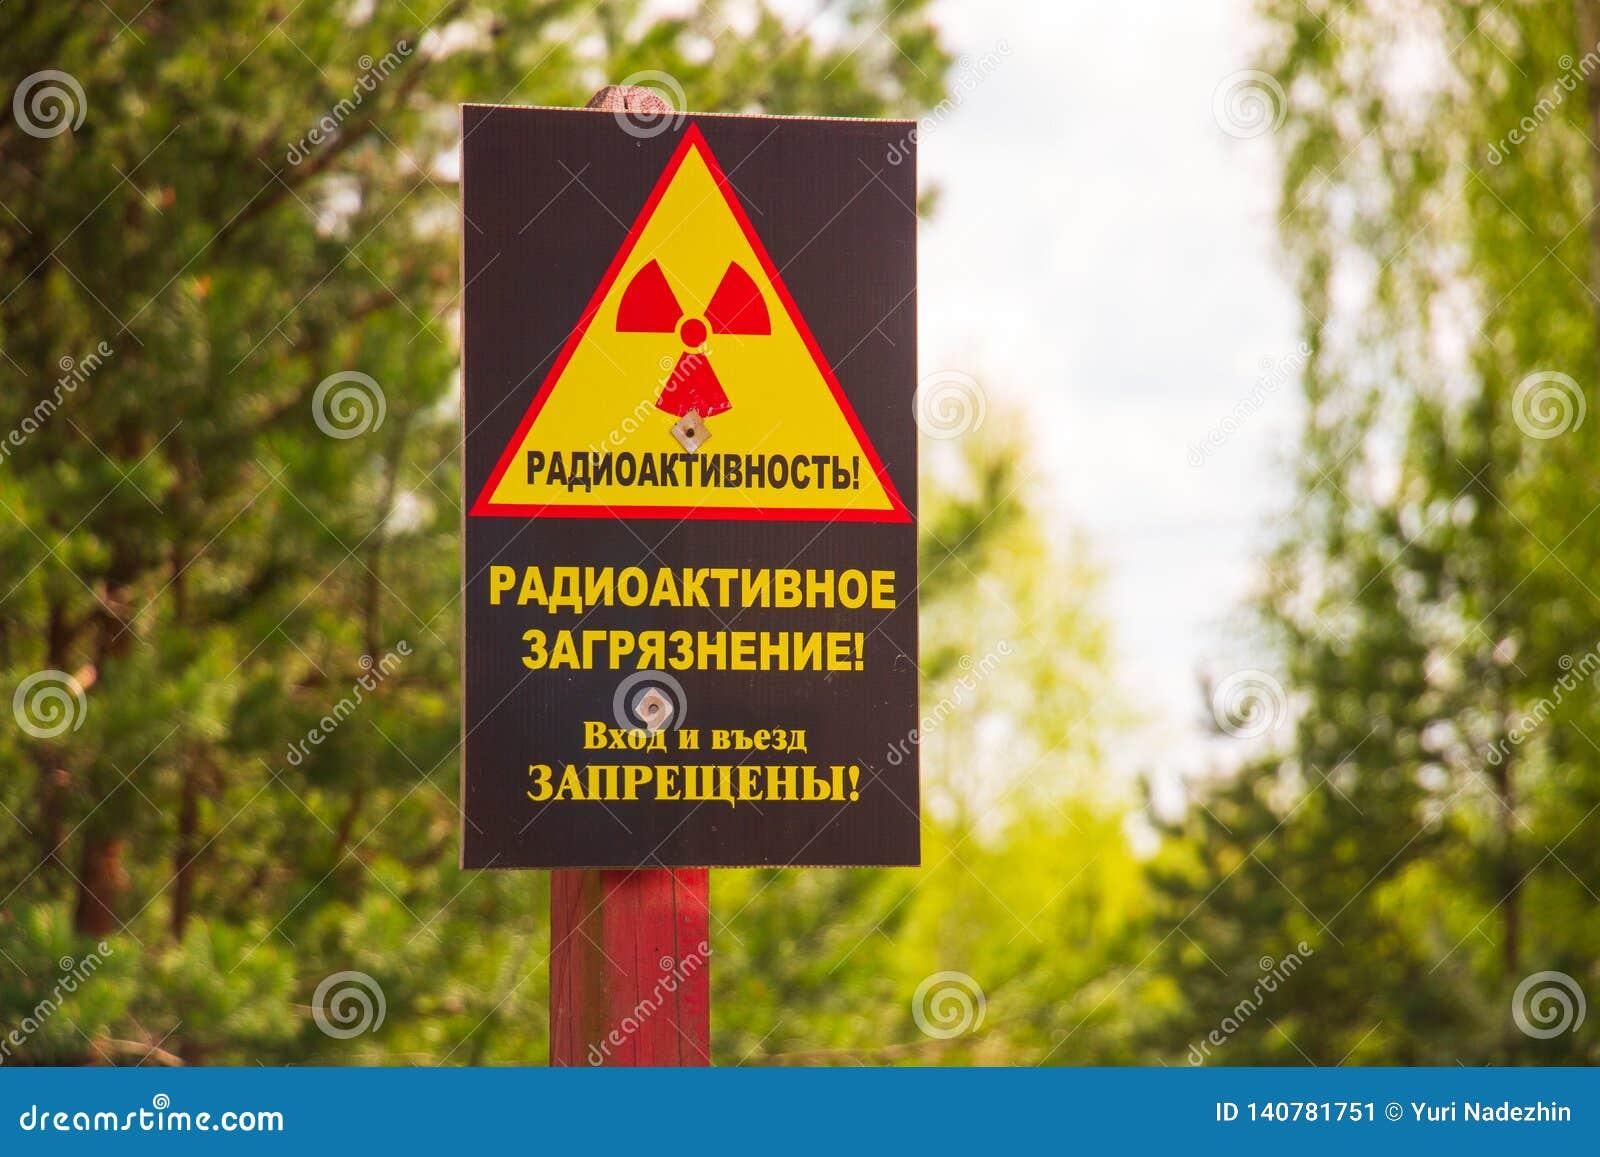 ¡Radiactividad! Contaminación radiactiva ¡Ninguna entrada!